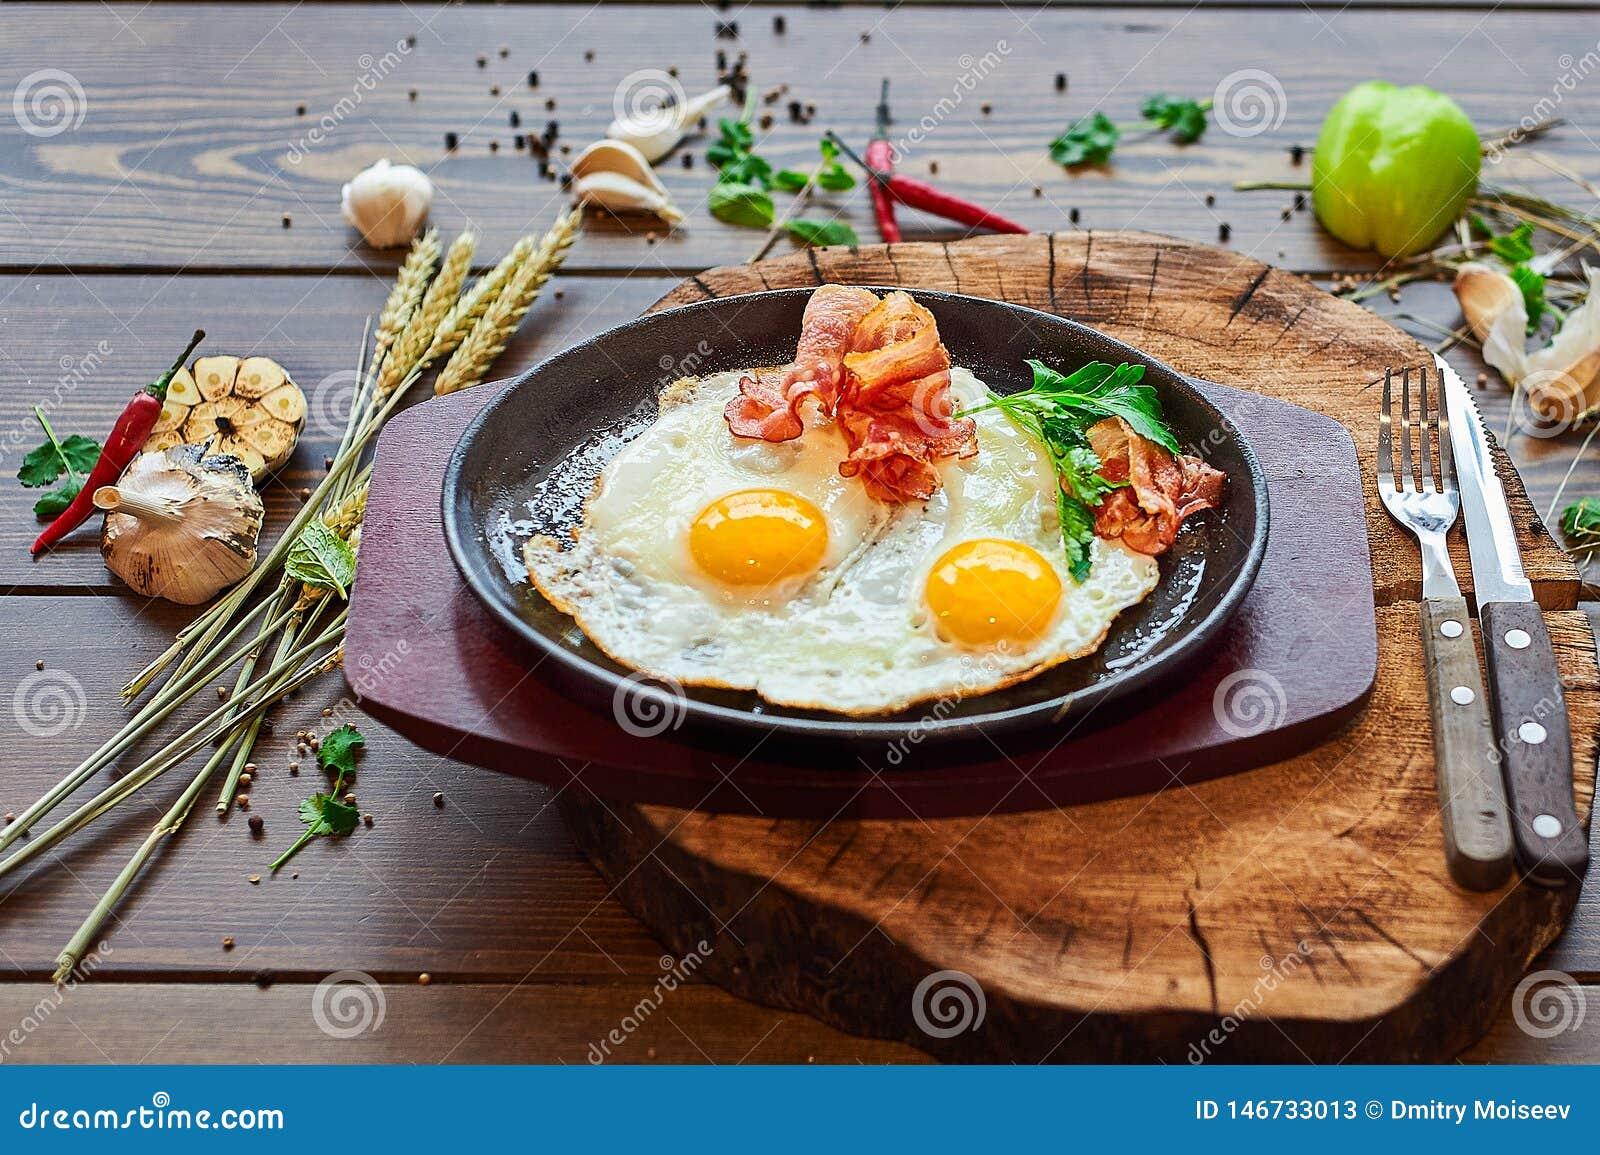 Ovos fritos com baliza em uma placa de pedra